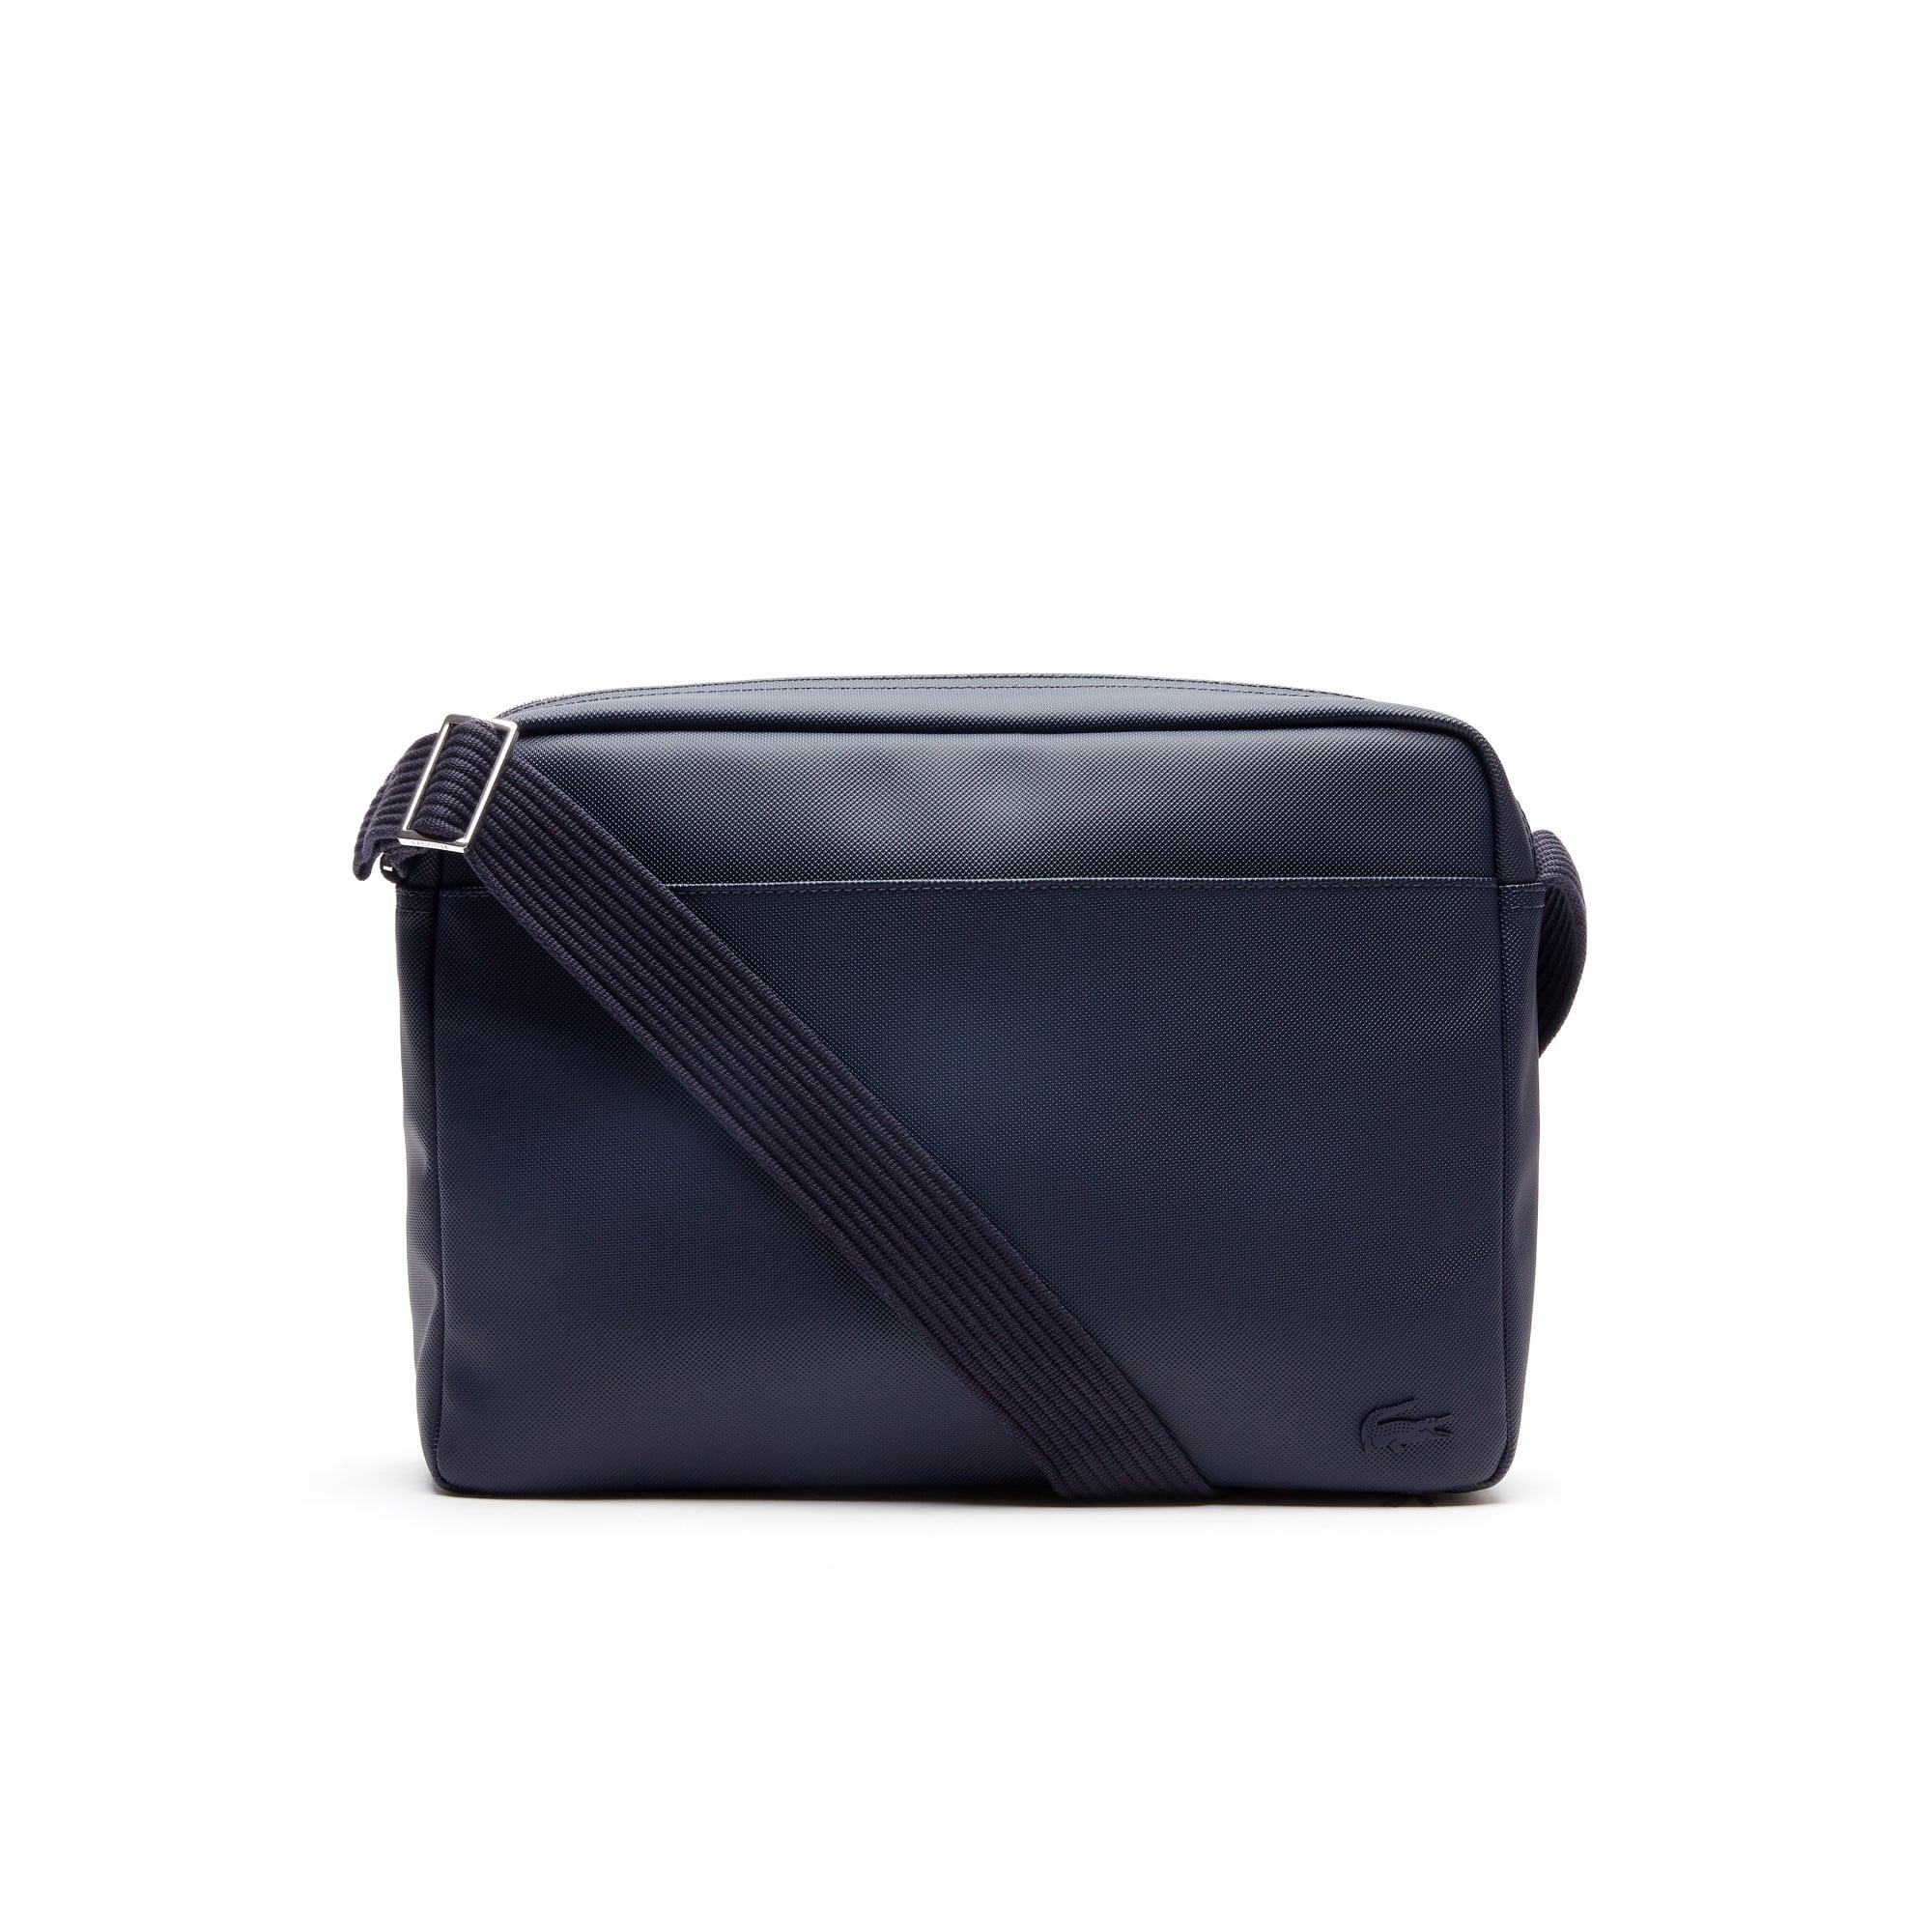 Mens classic petit piqué airline bag lacoste jpg 1024x1024 Lacoste  messenger bag for men 1090d316f4a3a